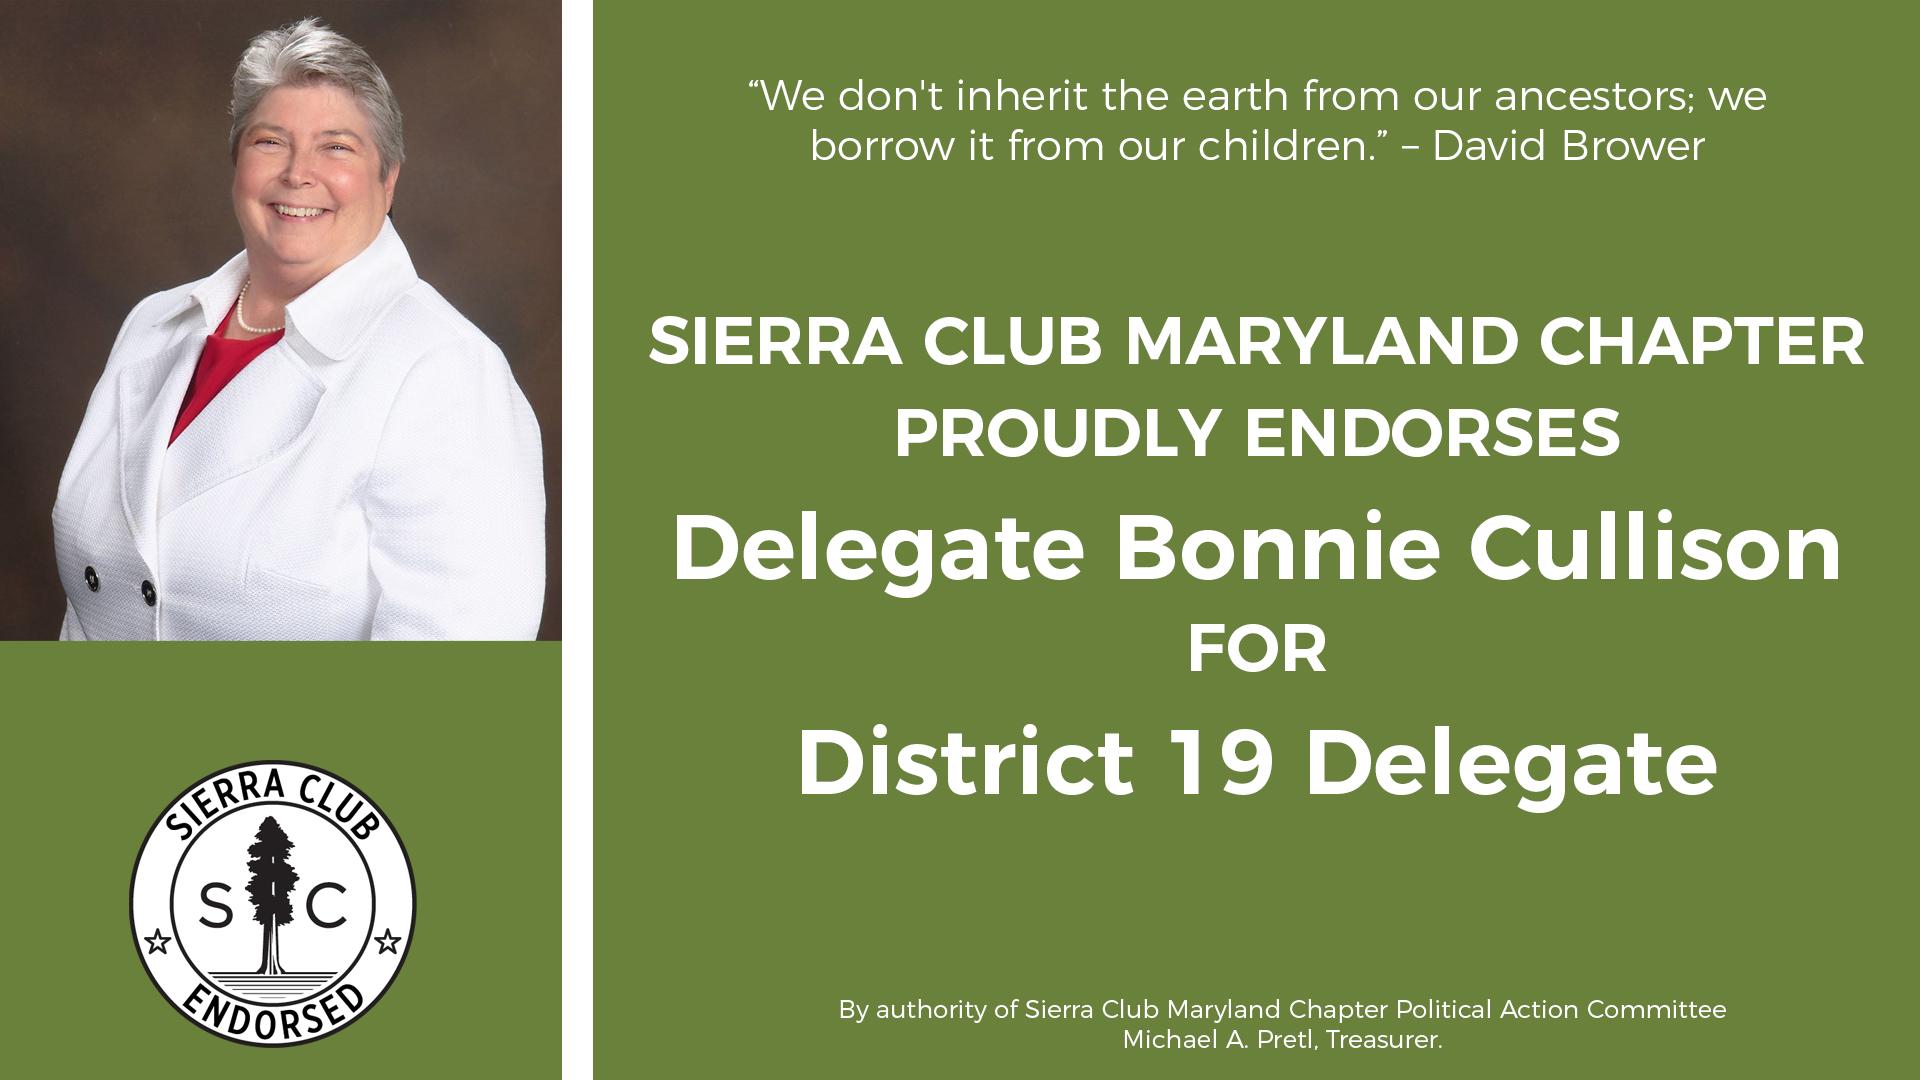 Sierra Club Proudly Endorses Delegate Bonnie Cullison for District 19 Delegate